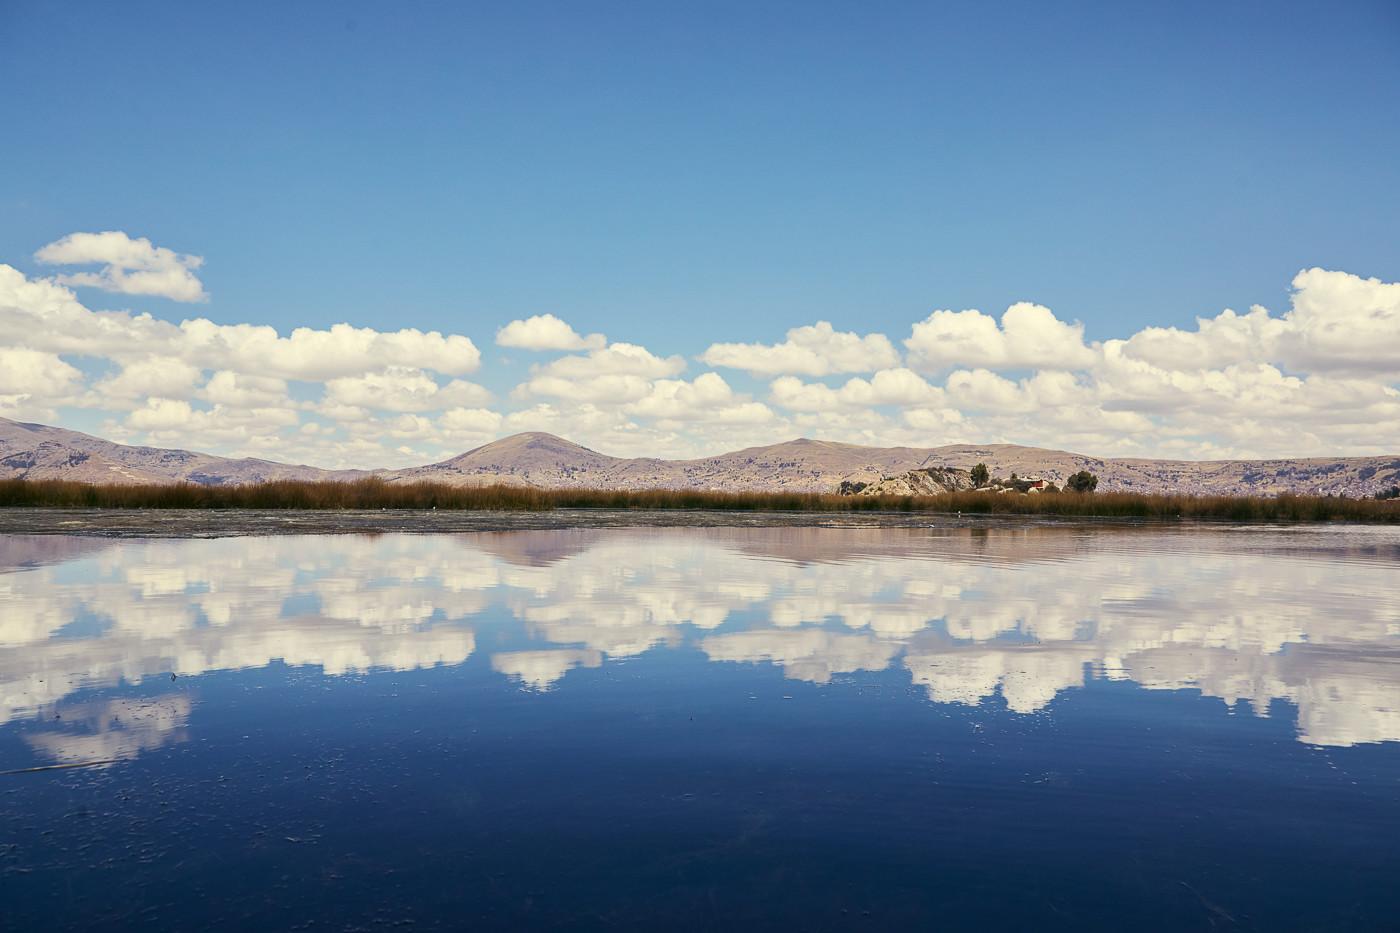 Wunderschöne Aussichten bei der Kajaktour auf dem Titicacasee während unseres Peru Urlaubes. Die Wolken am Horizont spiegeln sich im Wasser